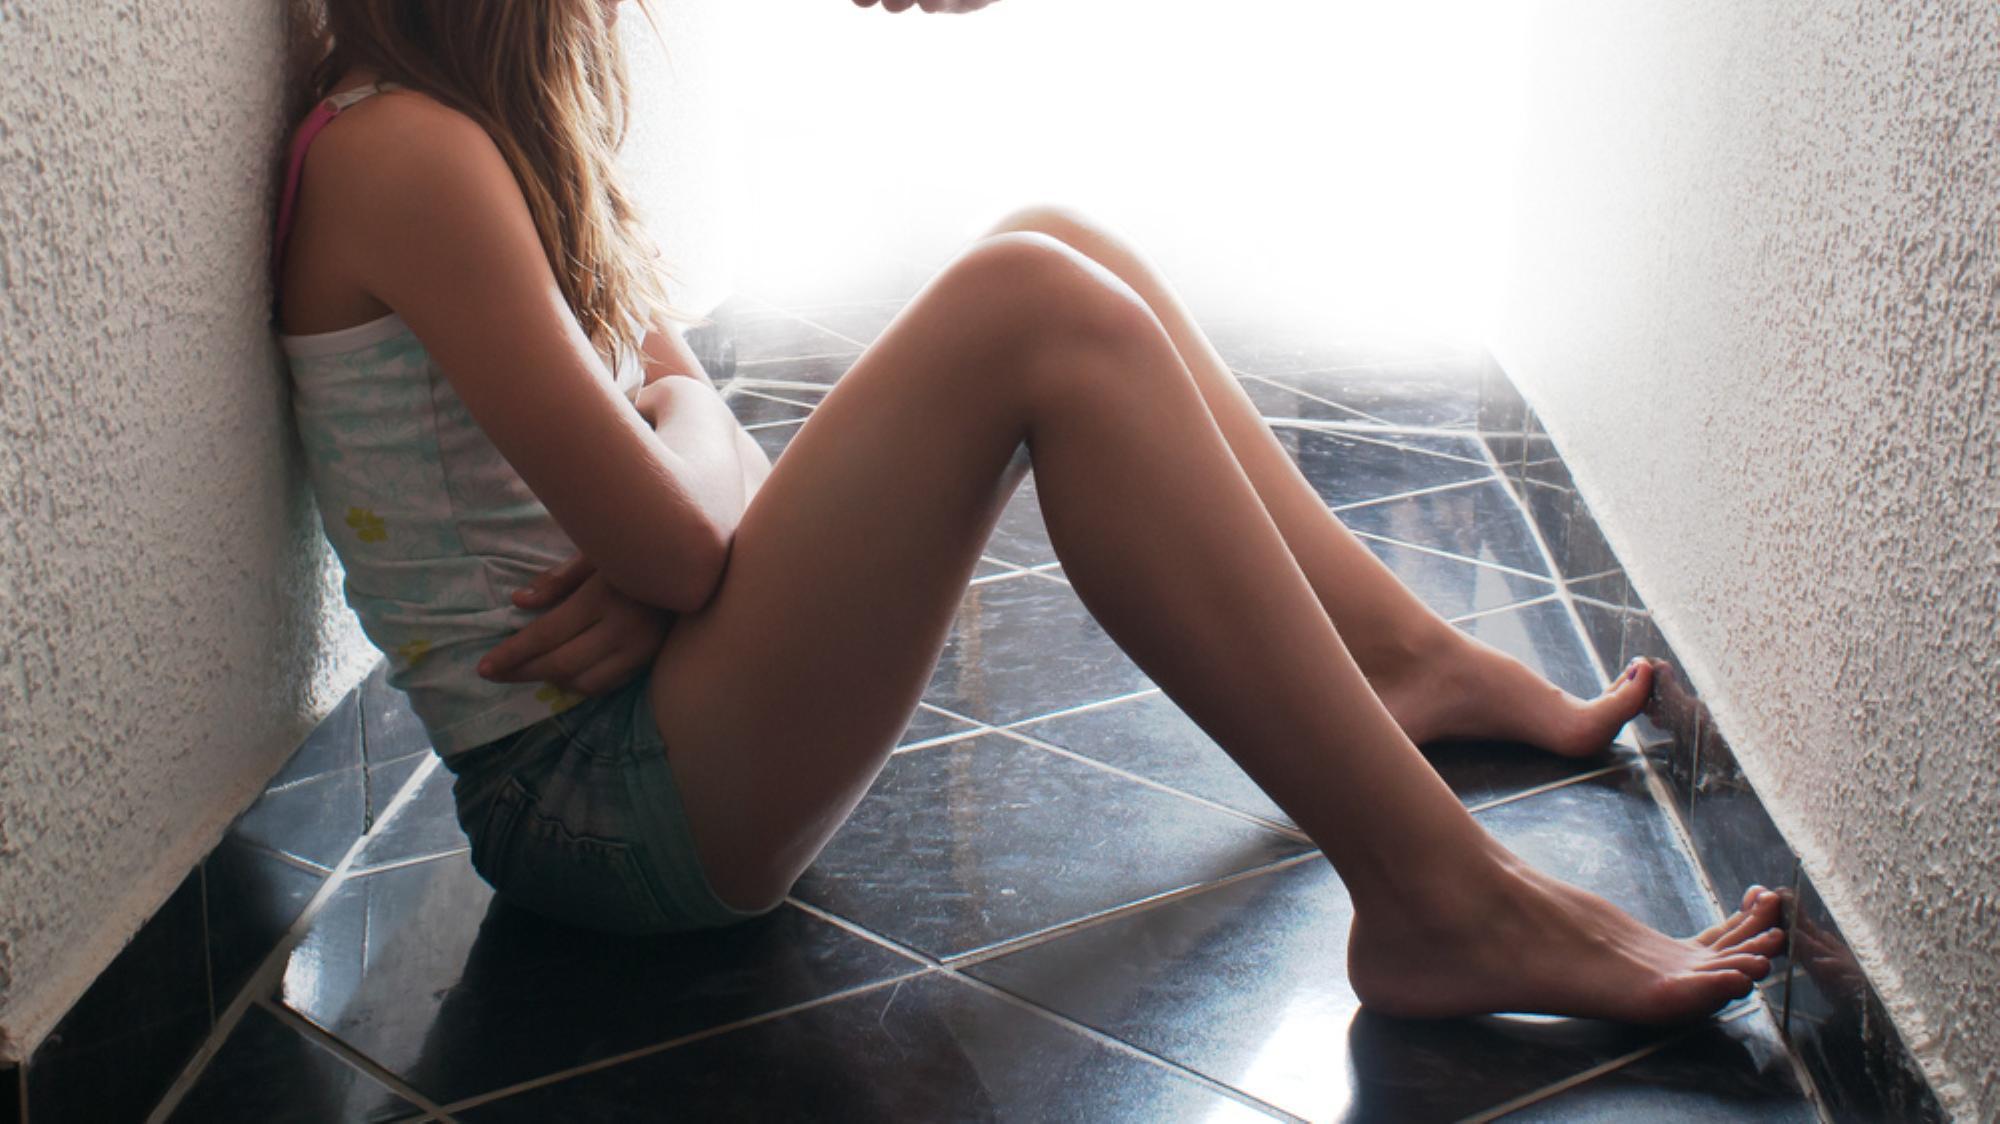 Abuso sessuale a scuola: arrestato il bidello